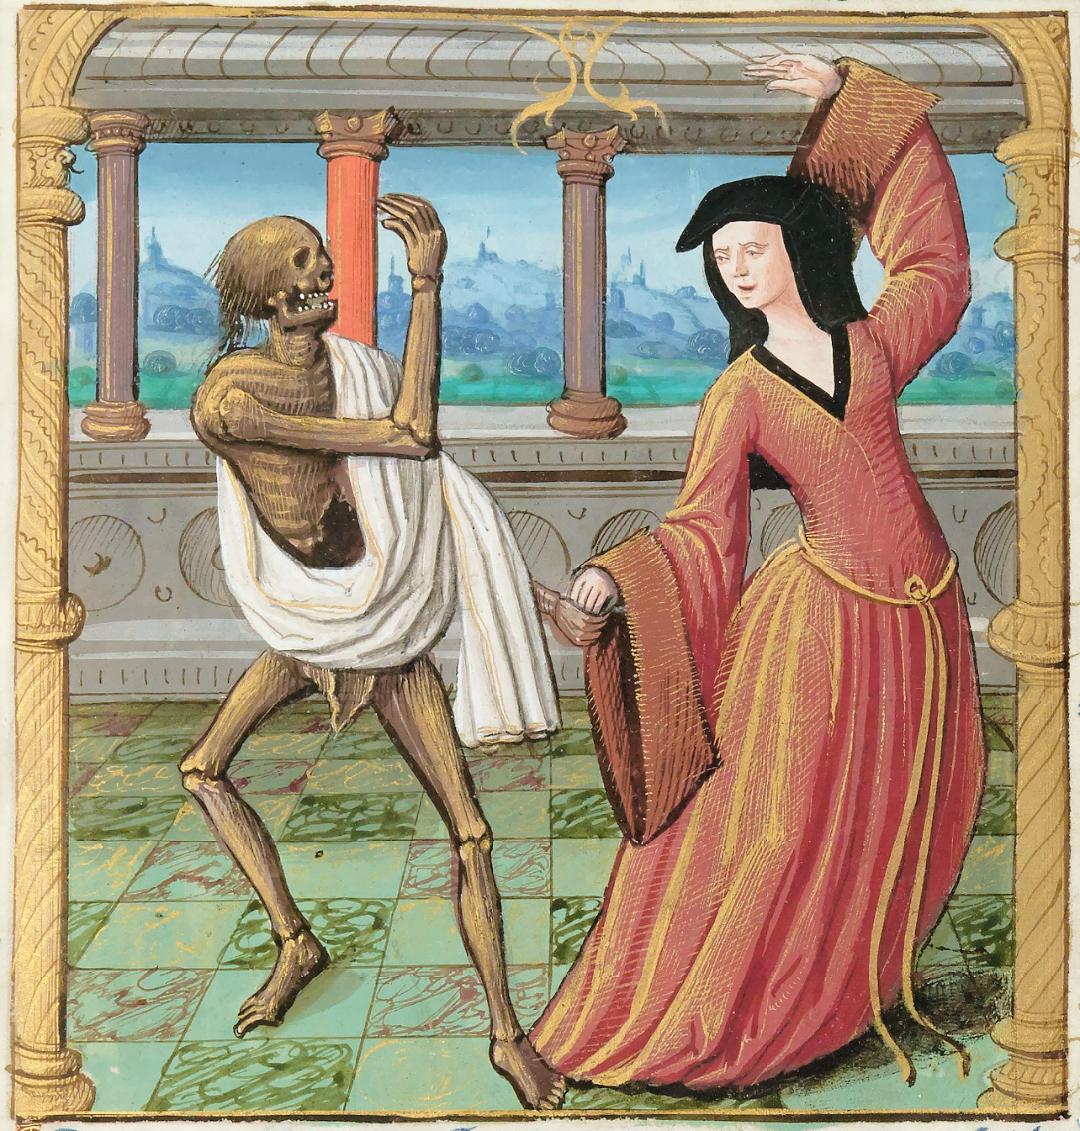 Французький манунскрипт під назвою Danse Macabre, що містить текст з La danse macabre — фрески, написаної в Cimetière des Innocents у Парижі в 1424 році. Оцифрована версія манунскрипту у вільному доступі